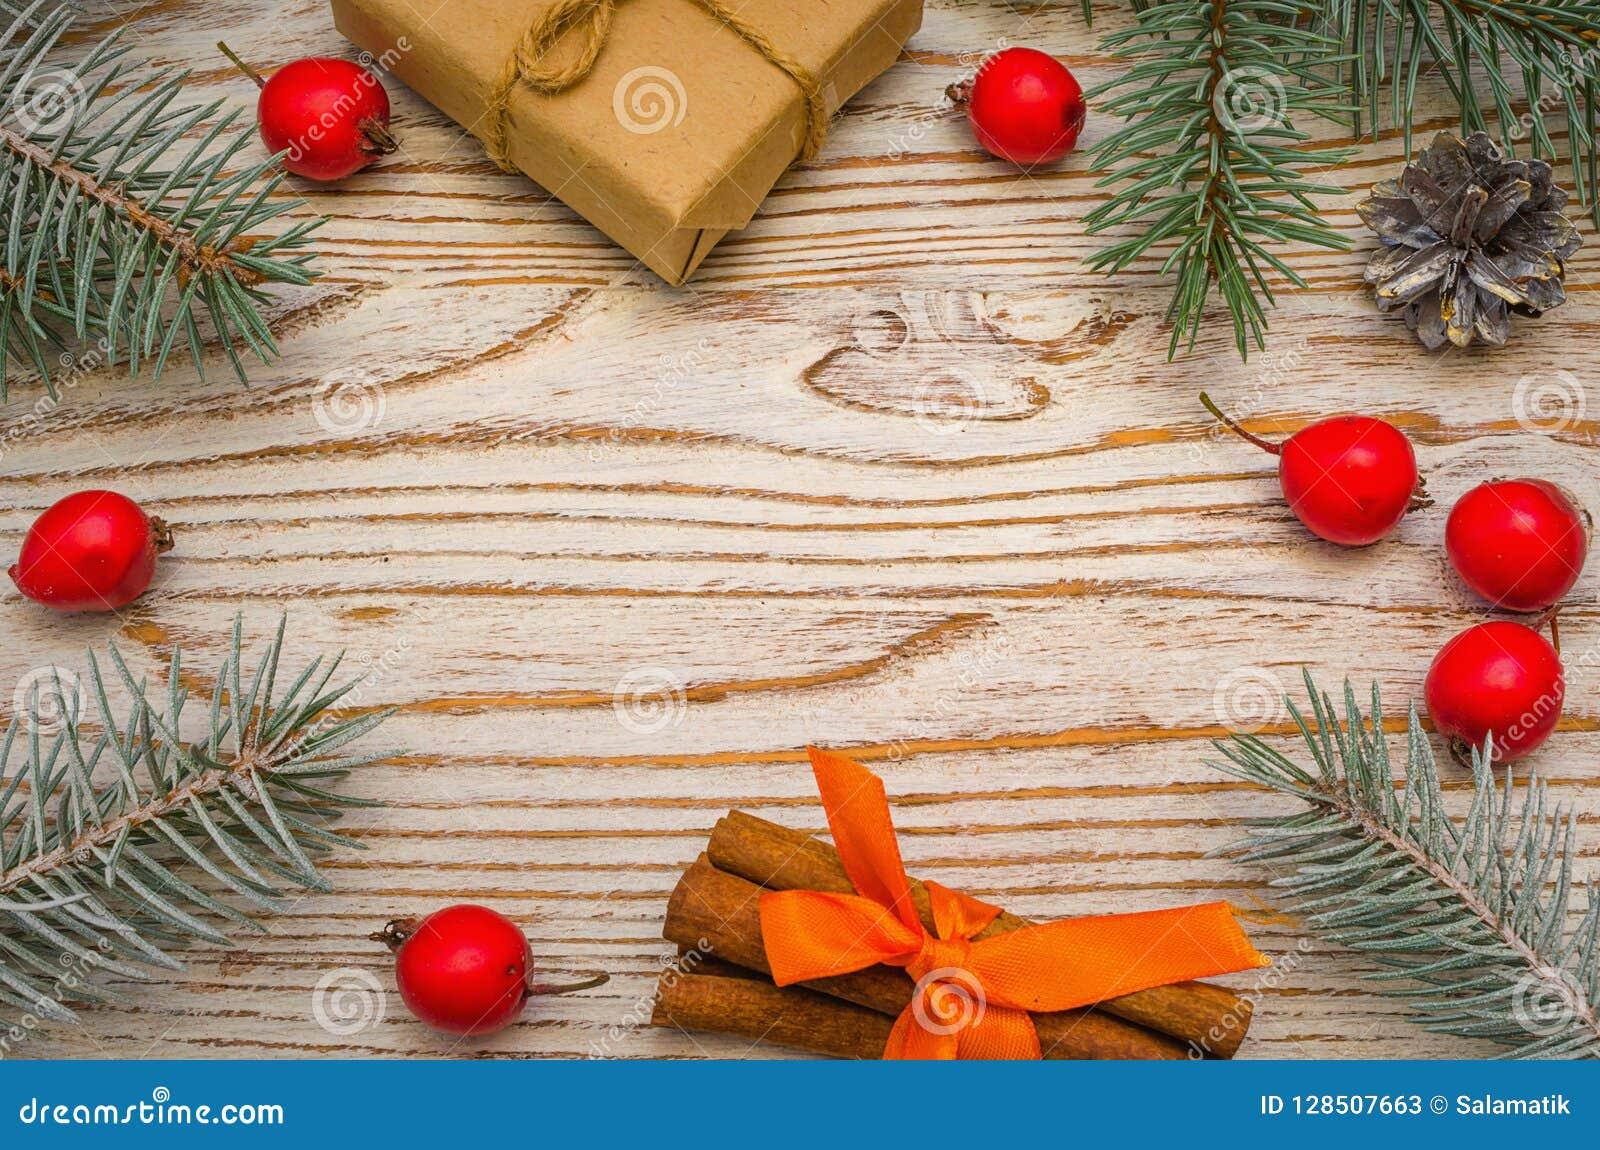 Regali Di Natale In Legno.Composizione In Natale Regali Di Natale Rami Di Albero Dell Abete